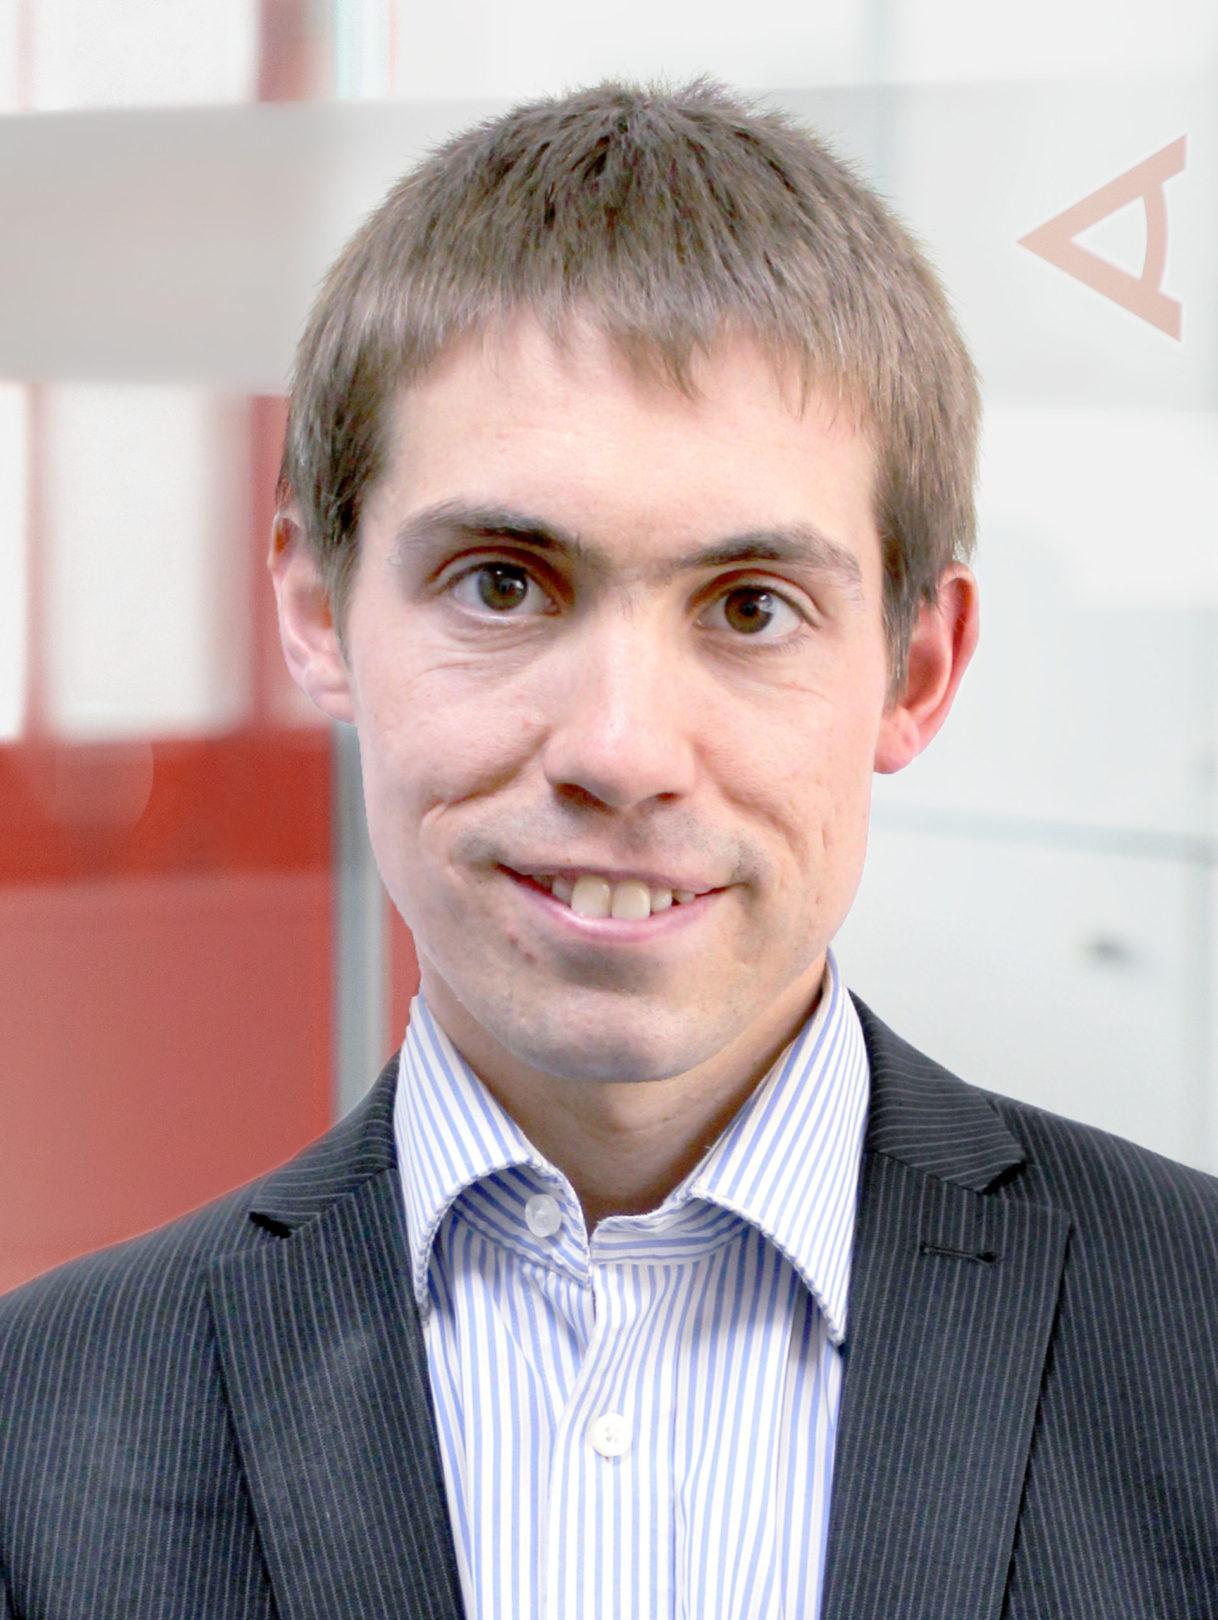 Andrew Enzor